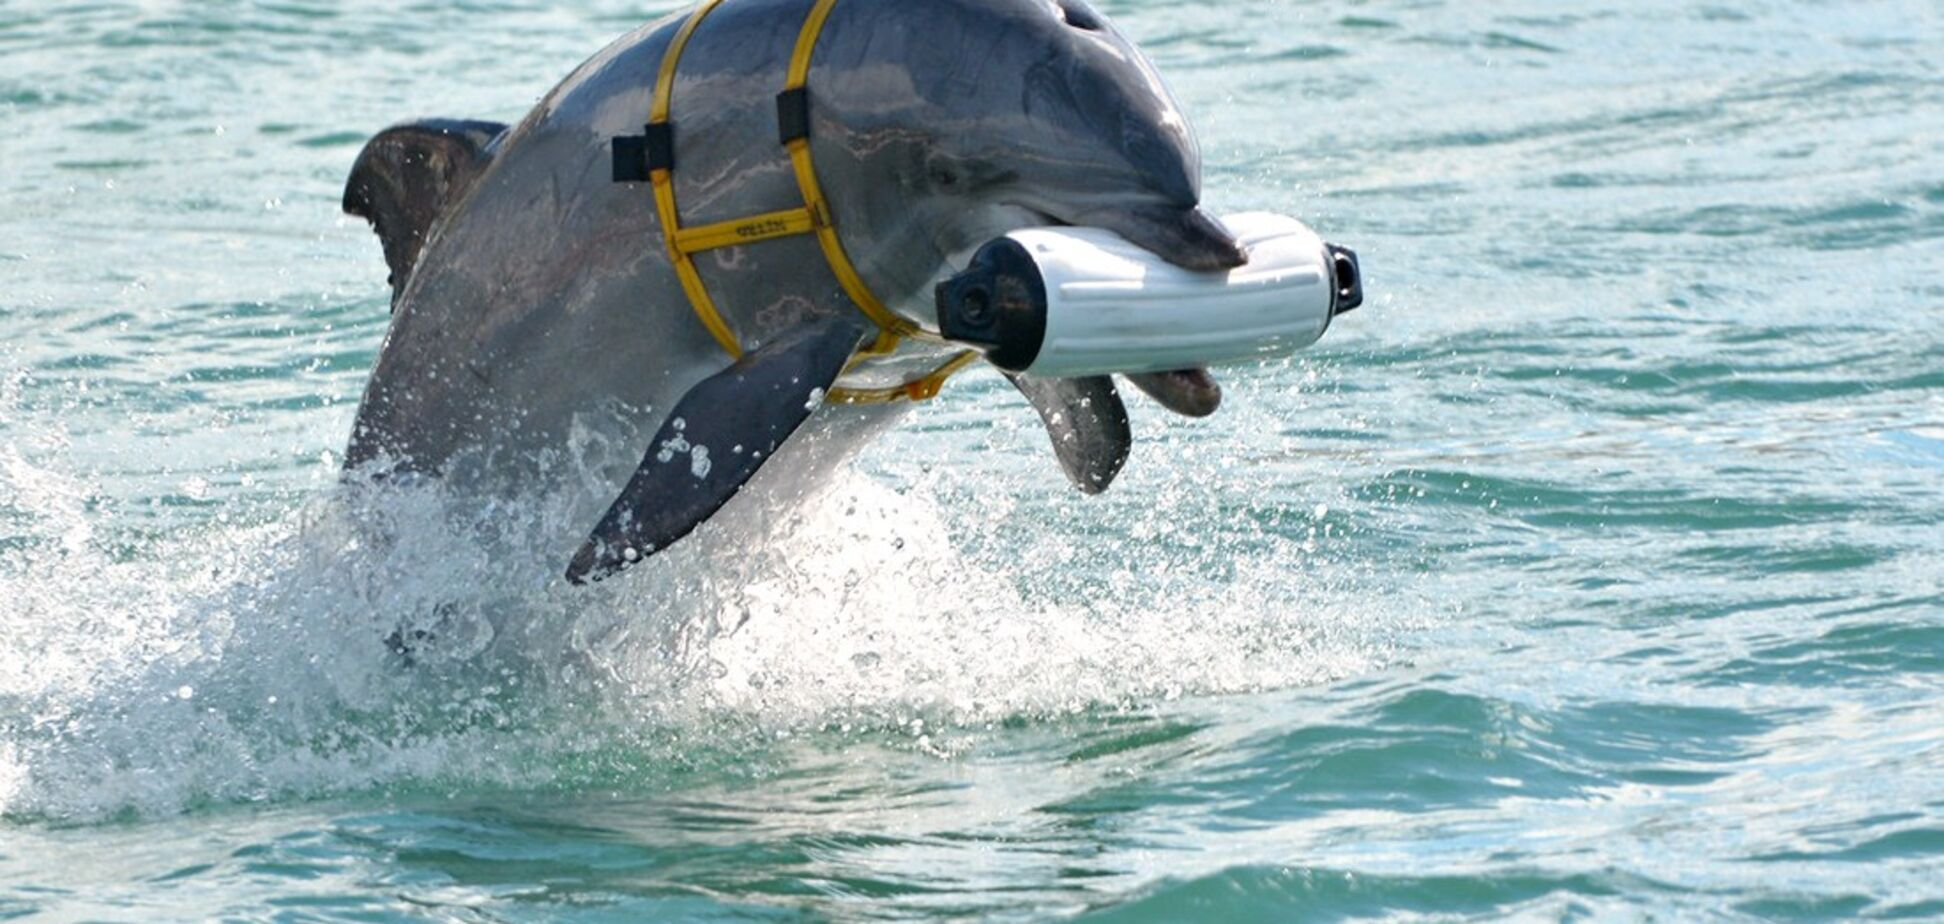 Украинские боевые дельфины погибли в Крыму – постпред Порошенко